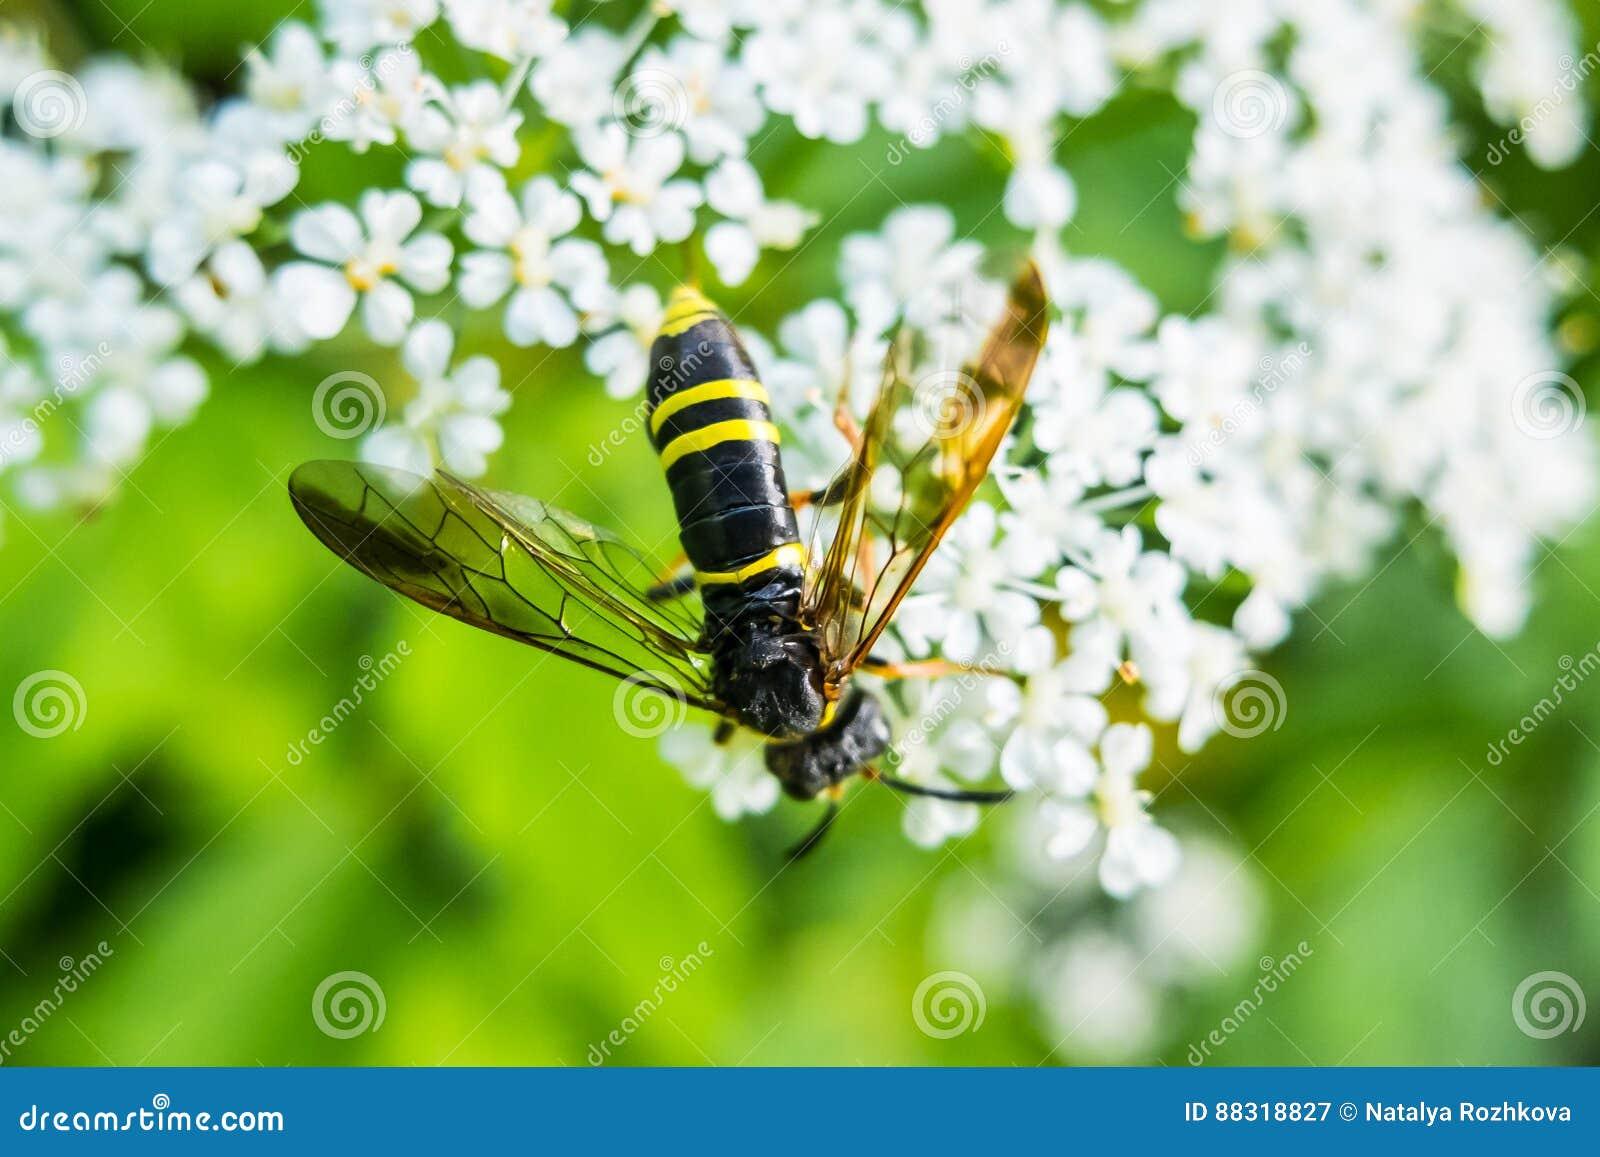 Afbeeldingen Bijtende Insecten